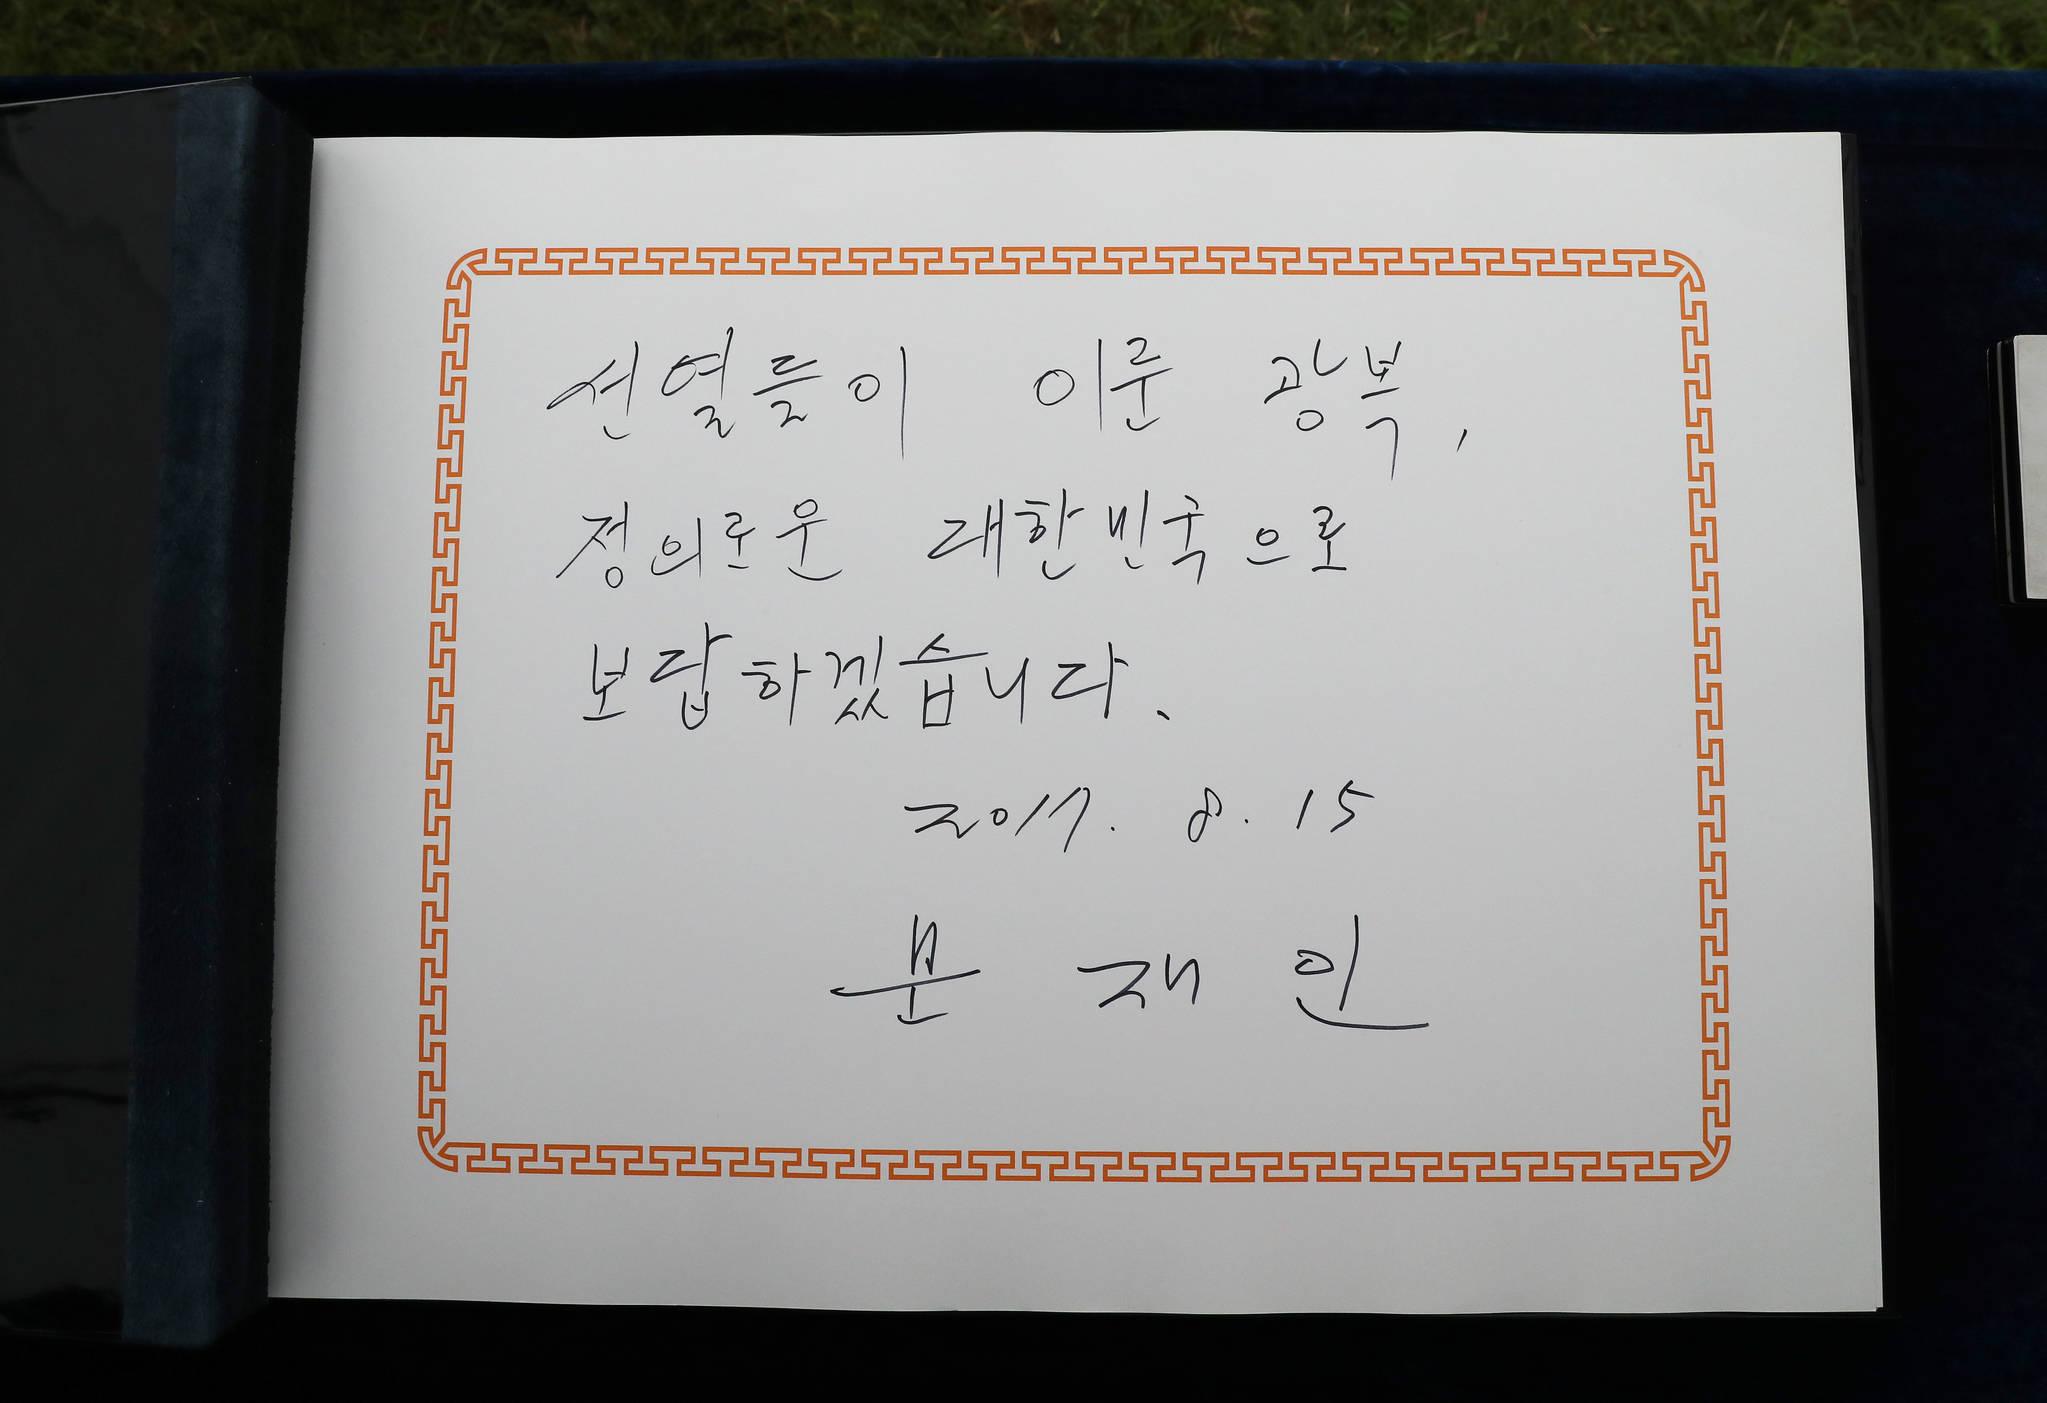 문재인 대통령이 광복절인 8월 15일 오전 서울 용산구 효창동 백범 김구 묘역을 찾아 참배한 뒤 작성한 방명록.청와대사진기자단